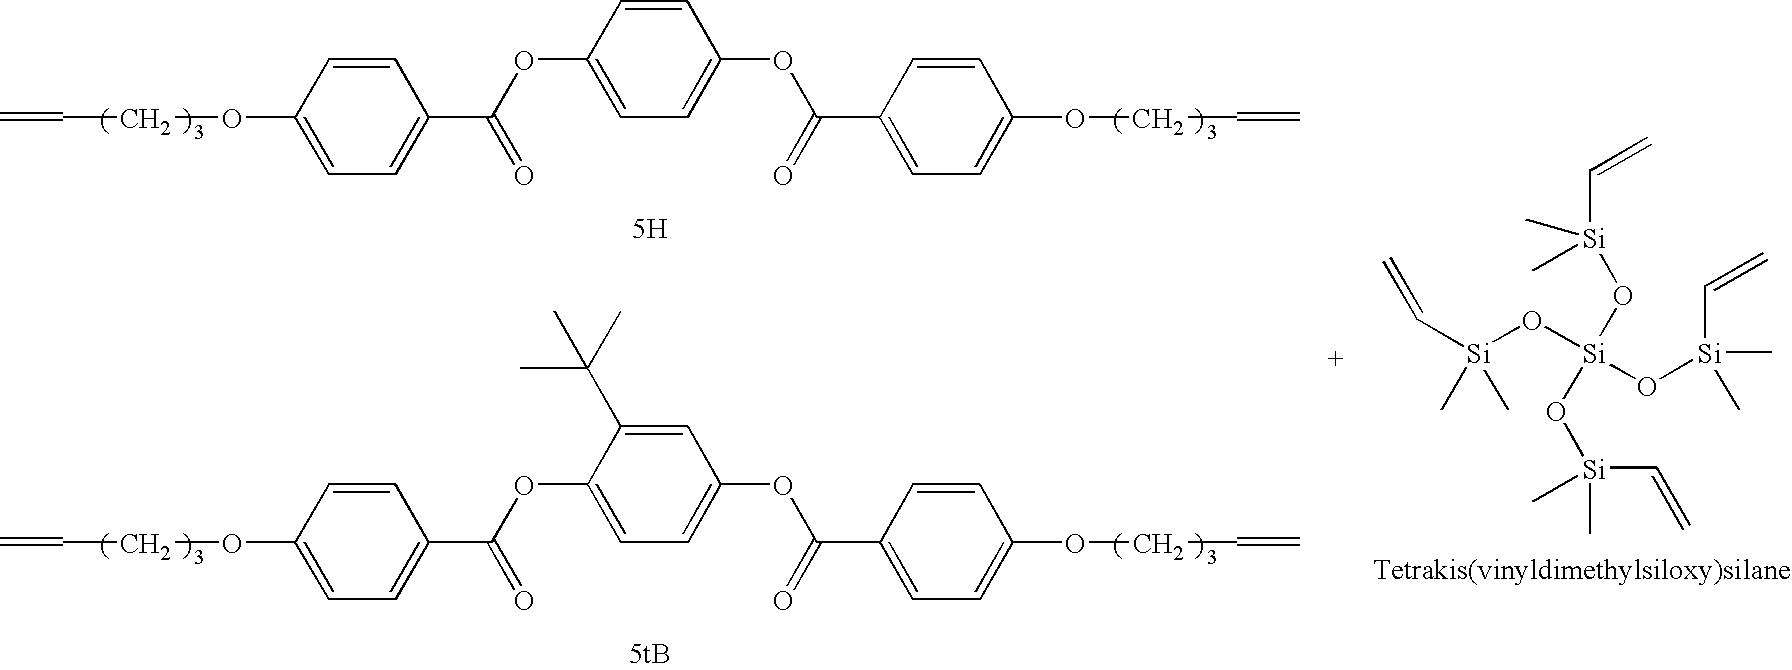 Figure US07799243-20100921-C00023